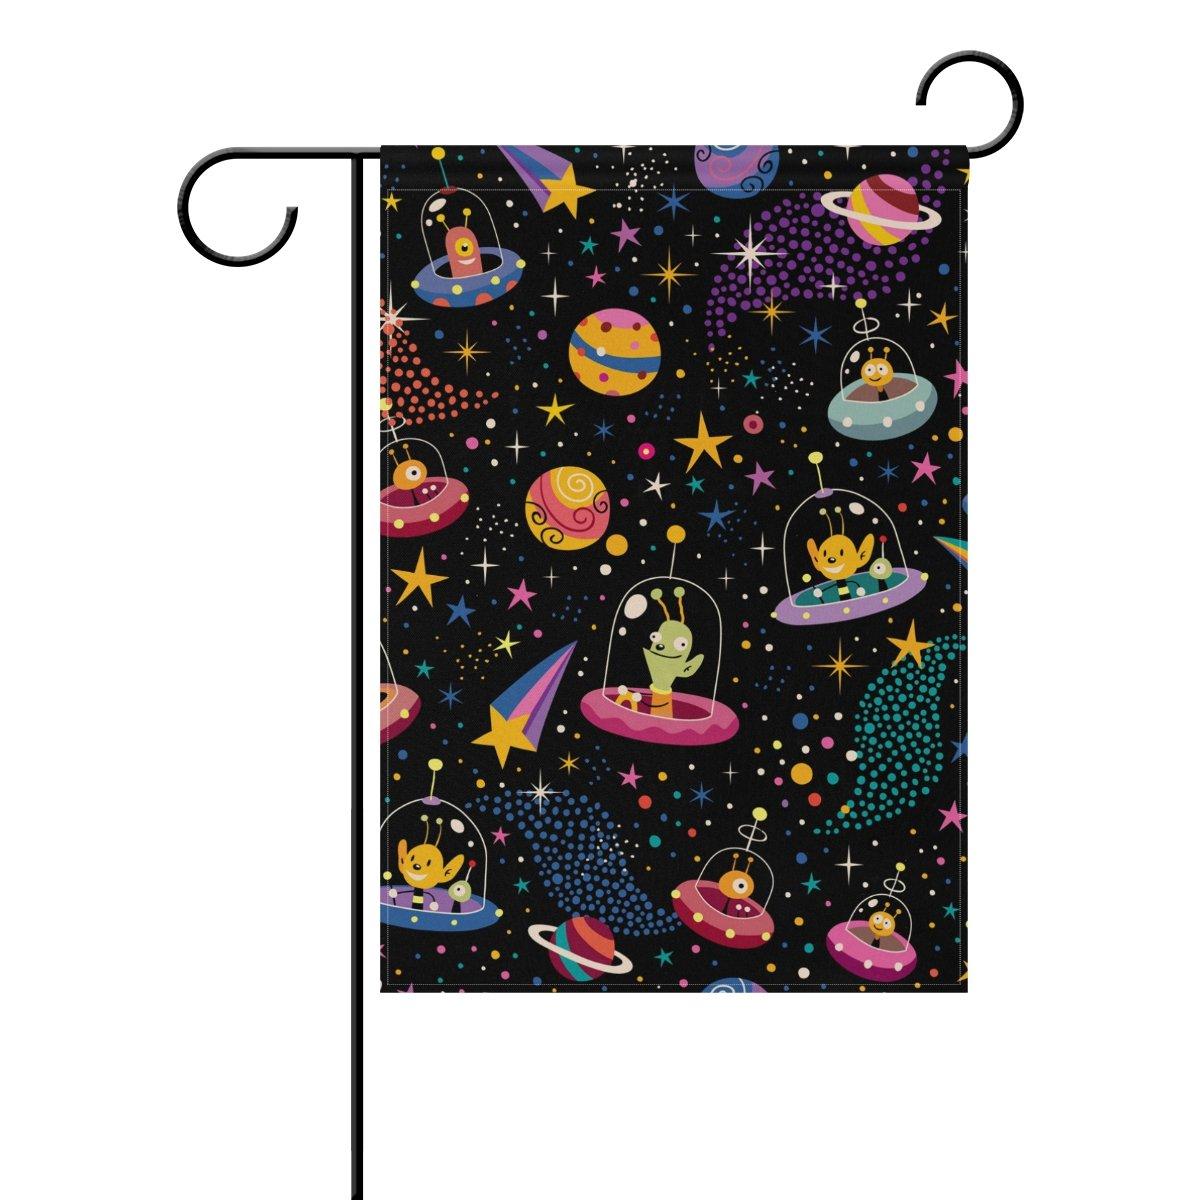 Pixel Art Crotte Multicolore